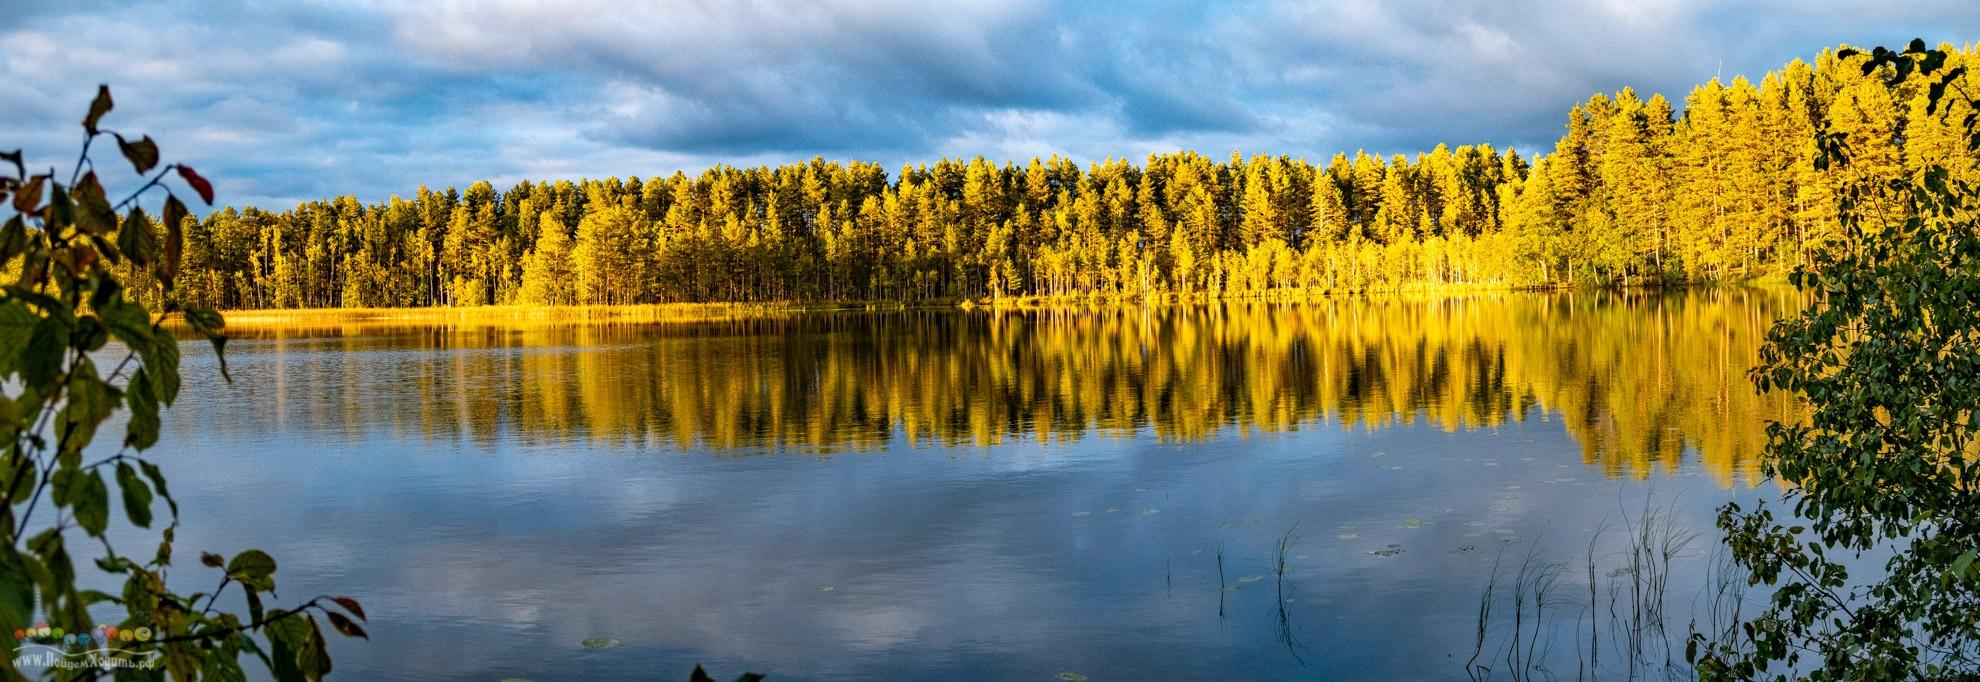 NEW: От Дубковских до Морозовских озер по Гряде Вярямянселькя, 19 км, 9.10.2019 суббота